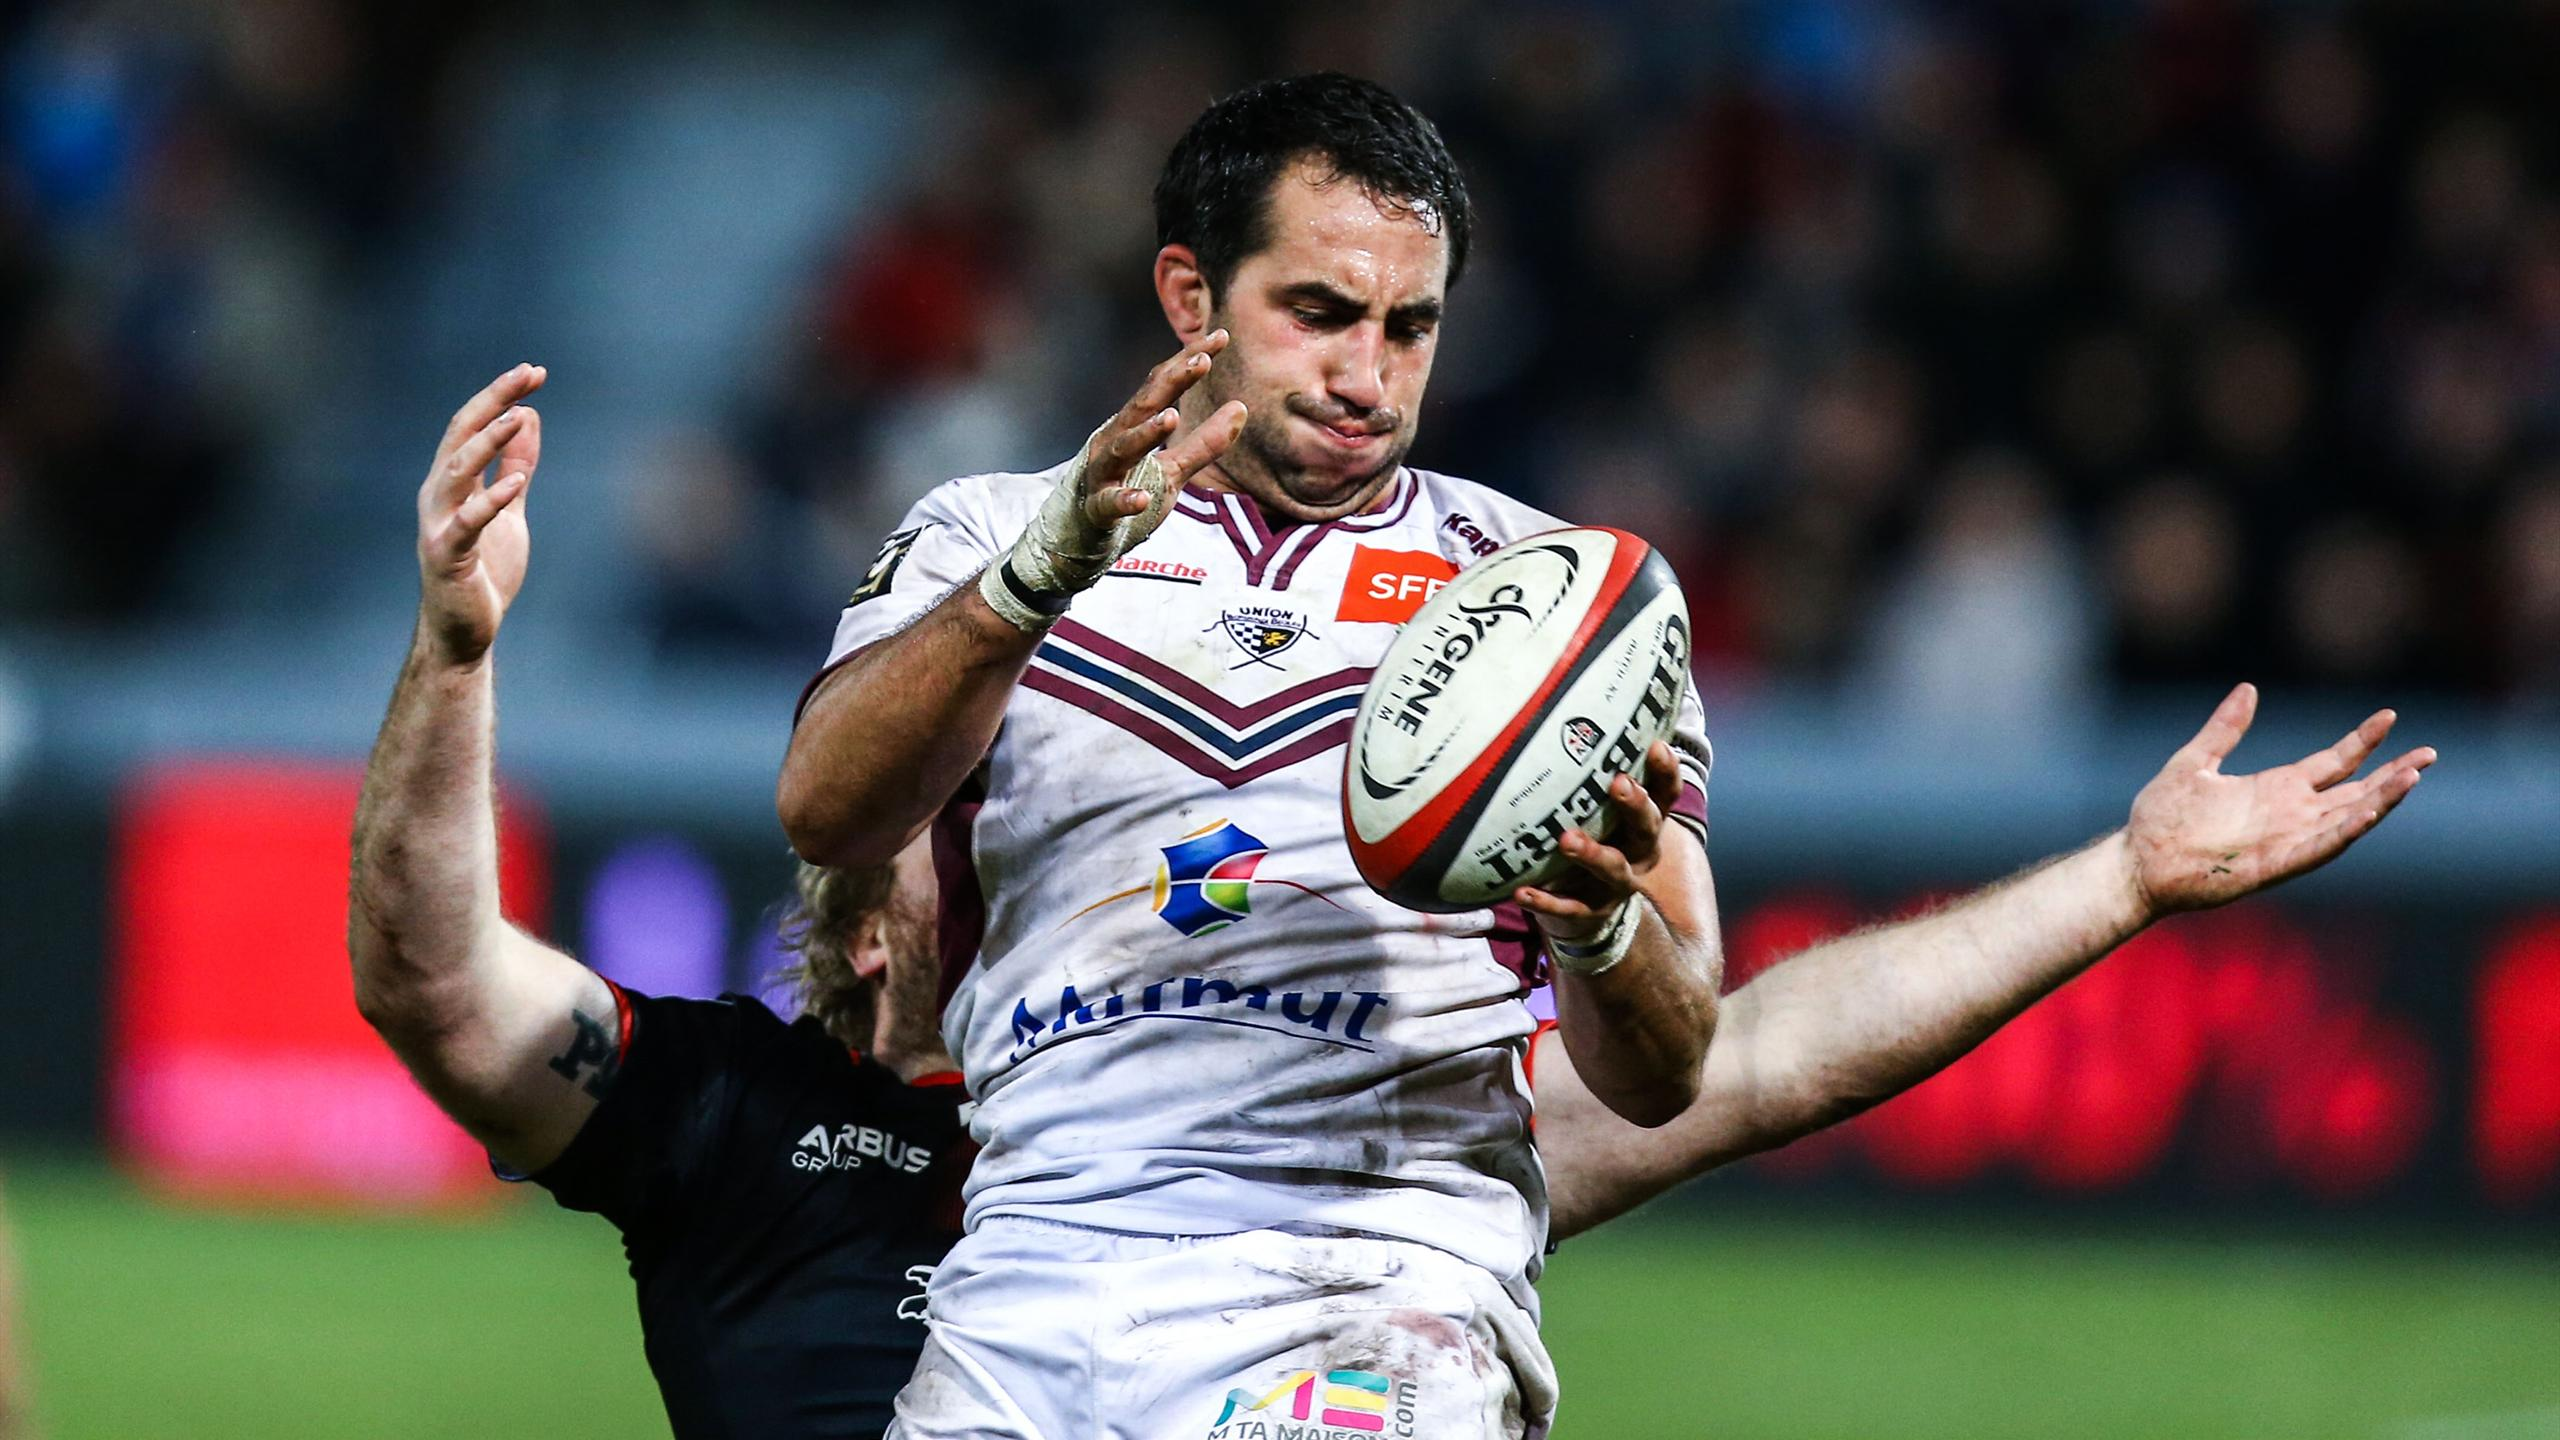 Le troisième ligne Louis-Benoit Madaule (Bordeaux-Bègles) capte un ballon en touche